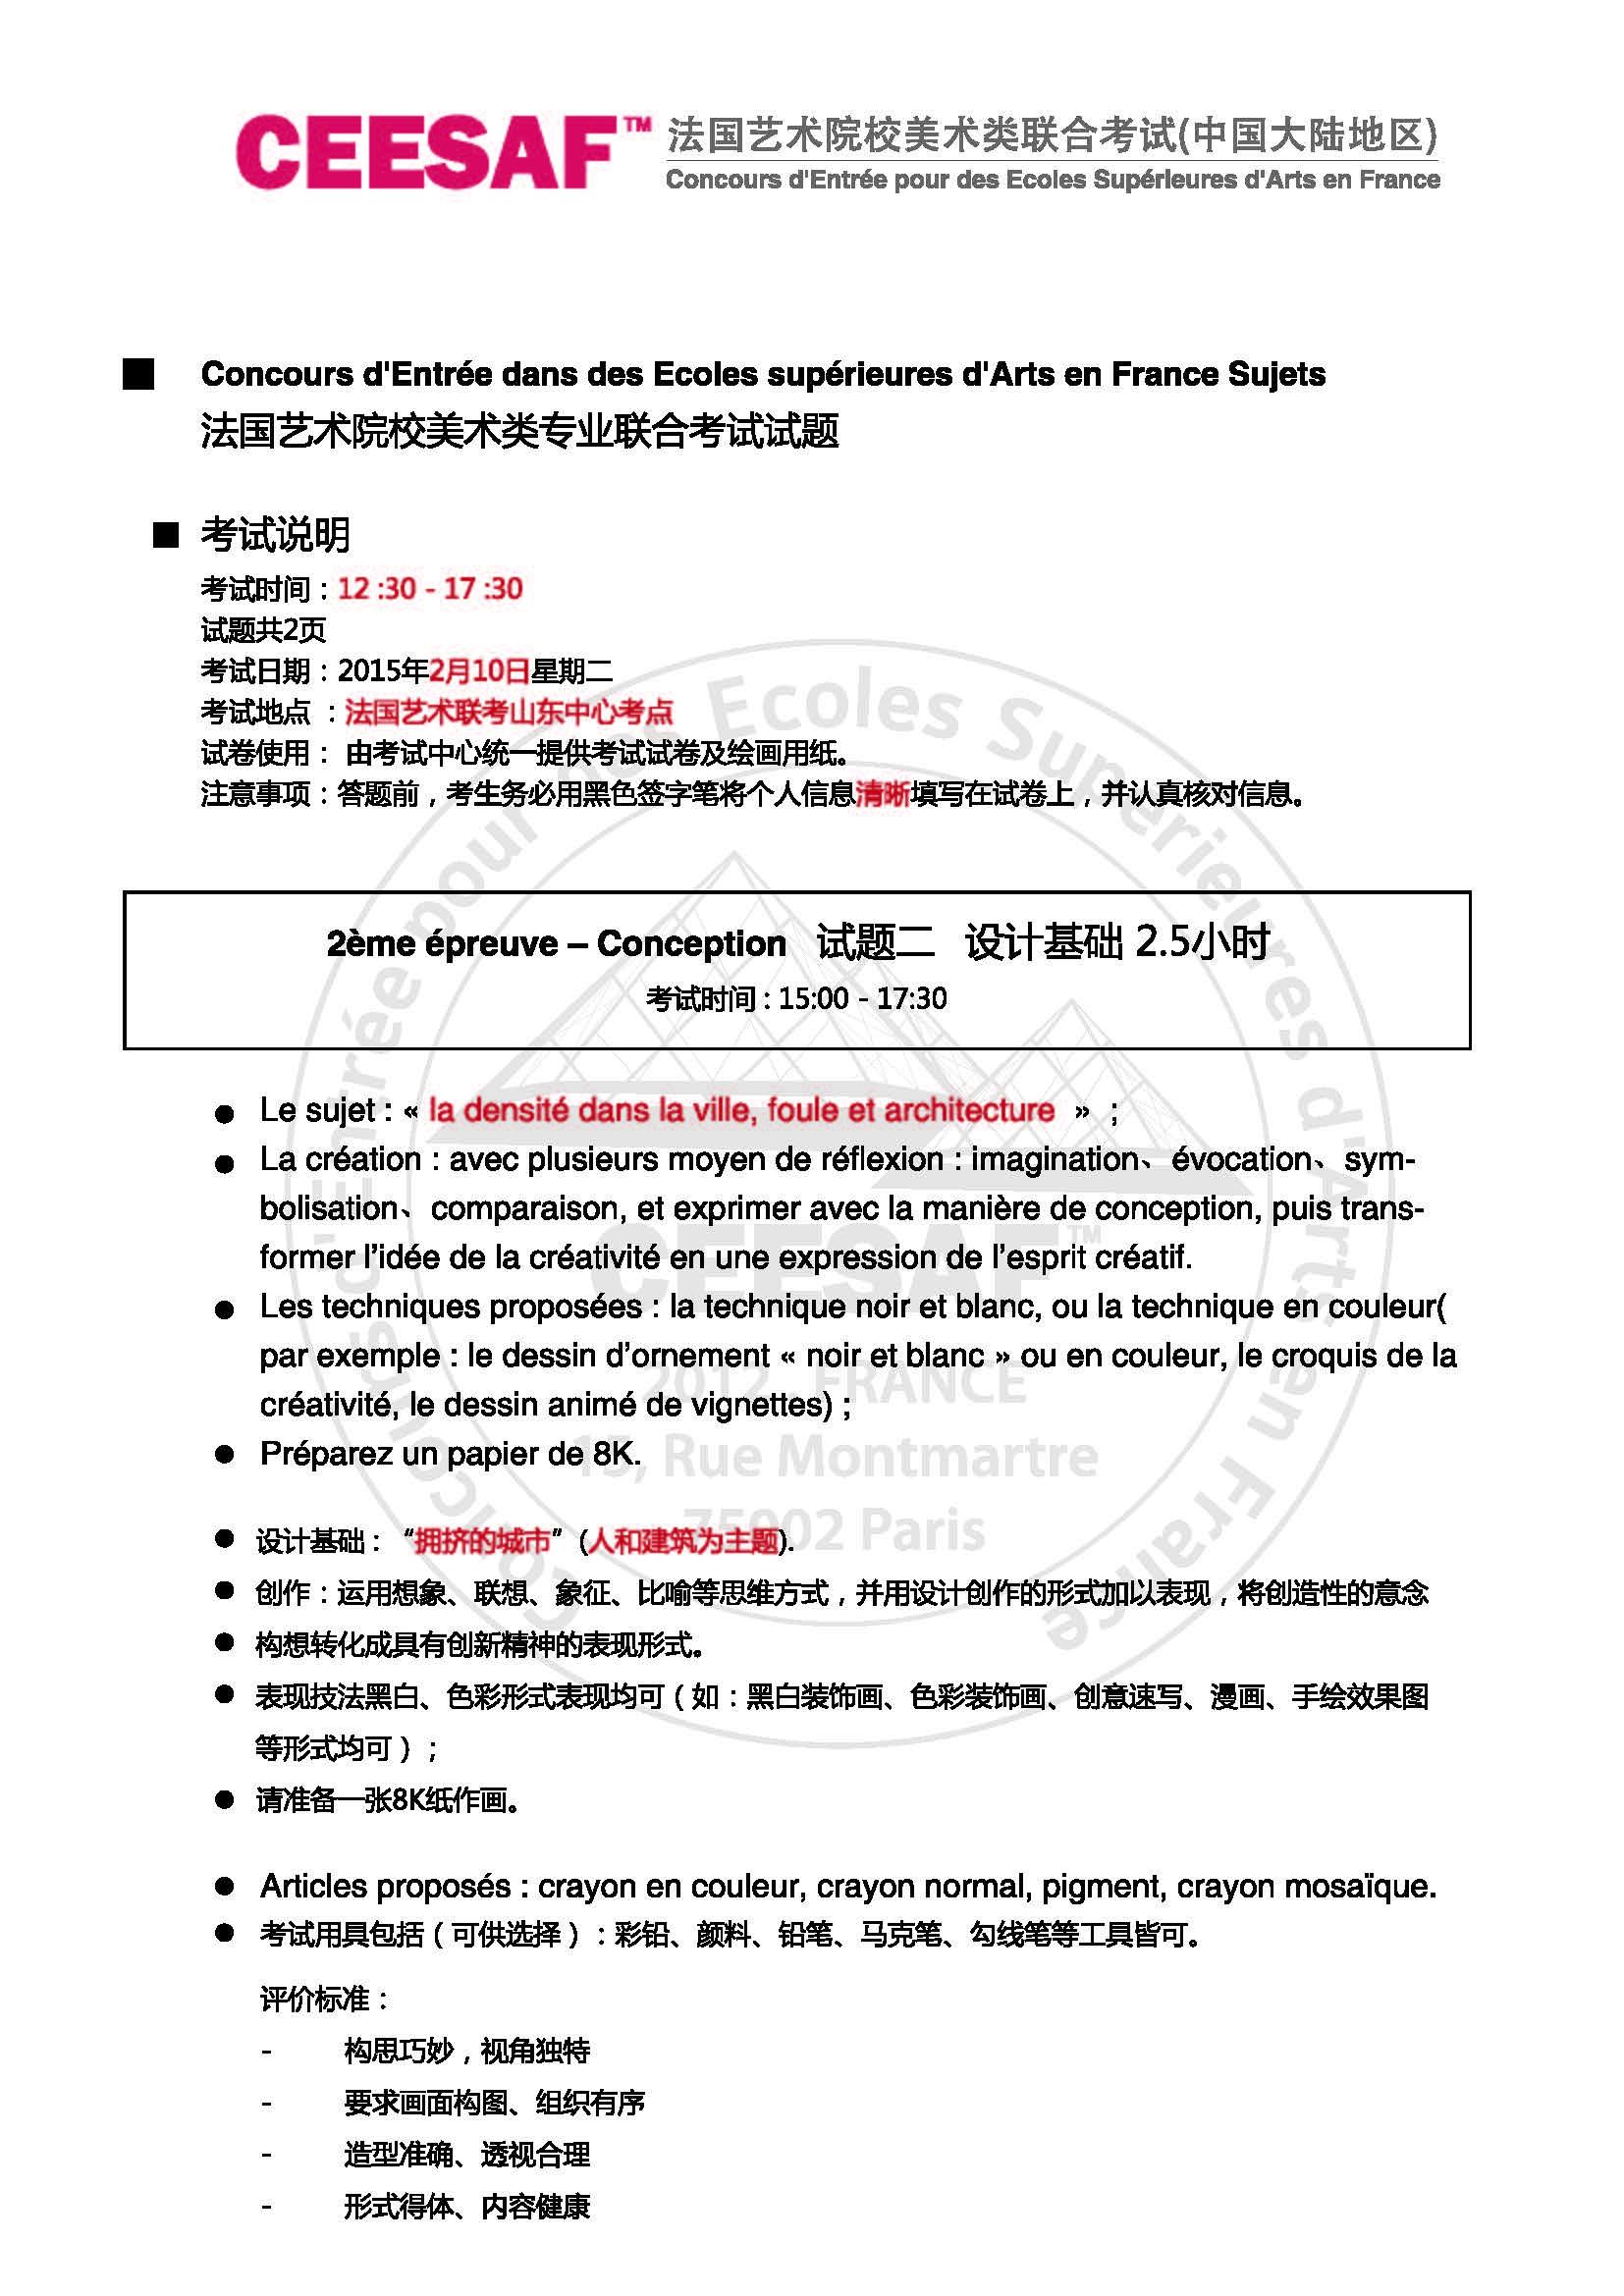 杭州艺术类院校|法国艺术类院校2015年美术类联考考试题目(济南考点)